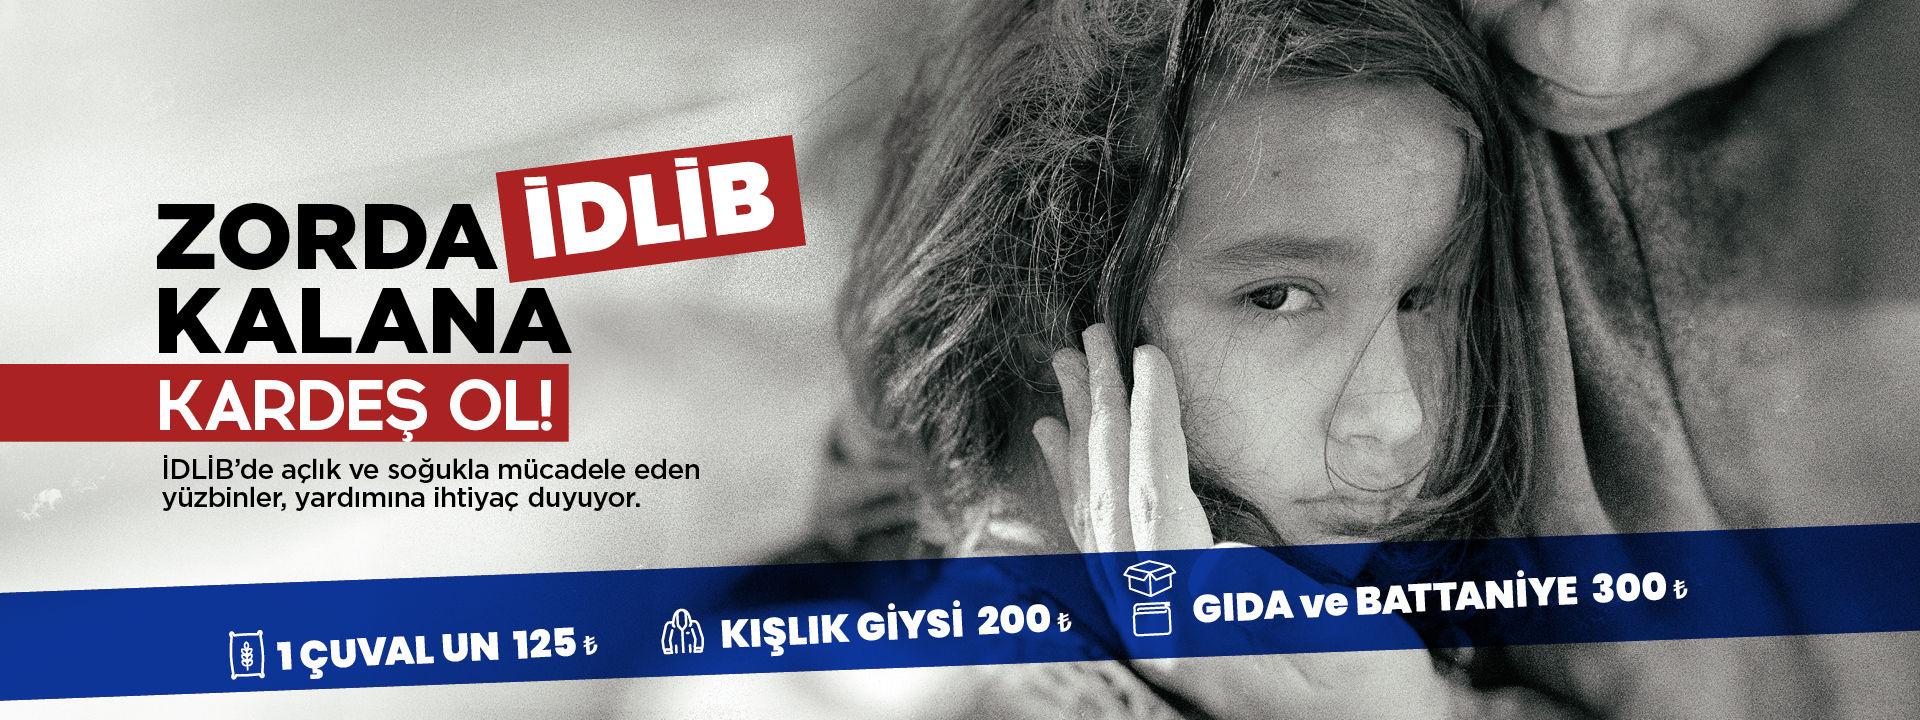 IDLIB-1920x720px.jpg